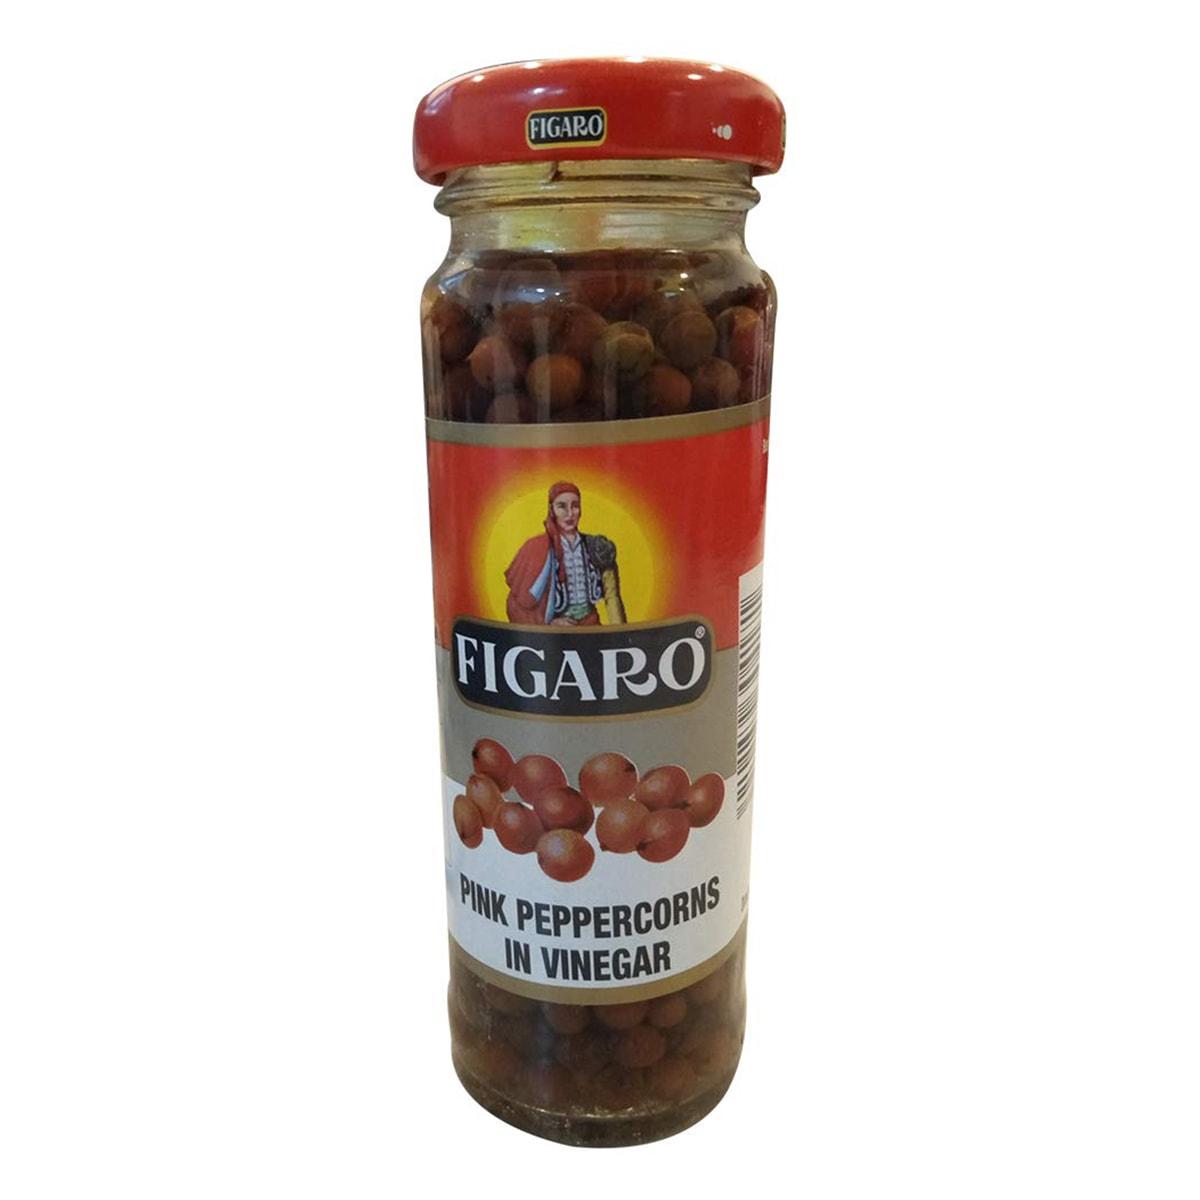 Buy Figaro Pink Peppercorns in Vinegar - 110 gm